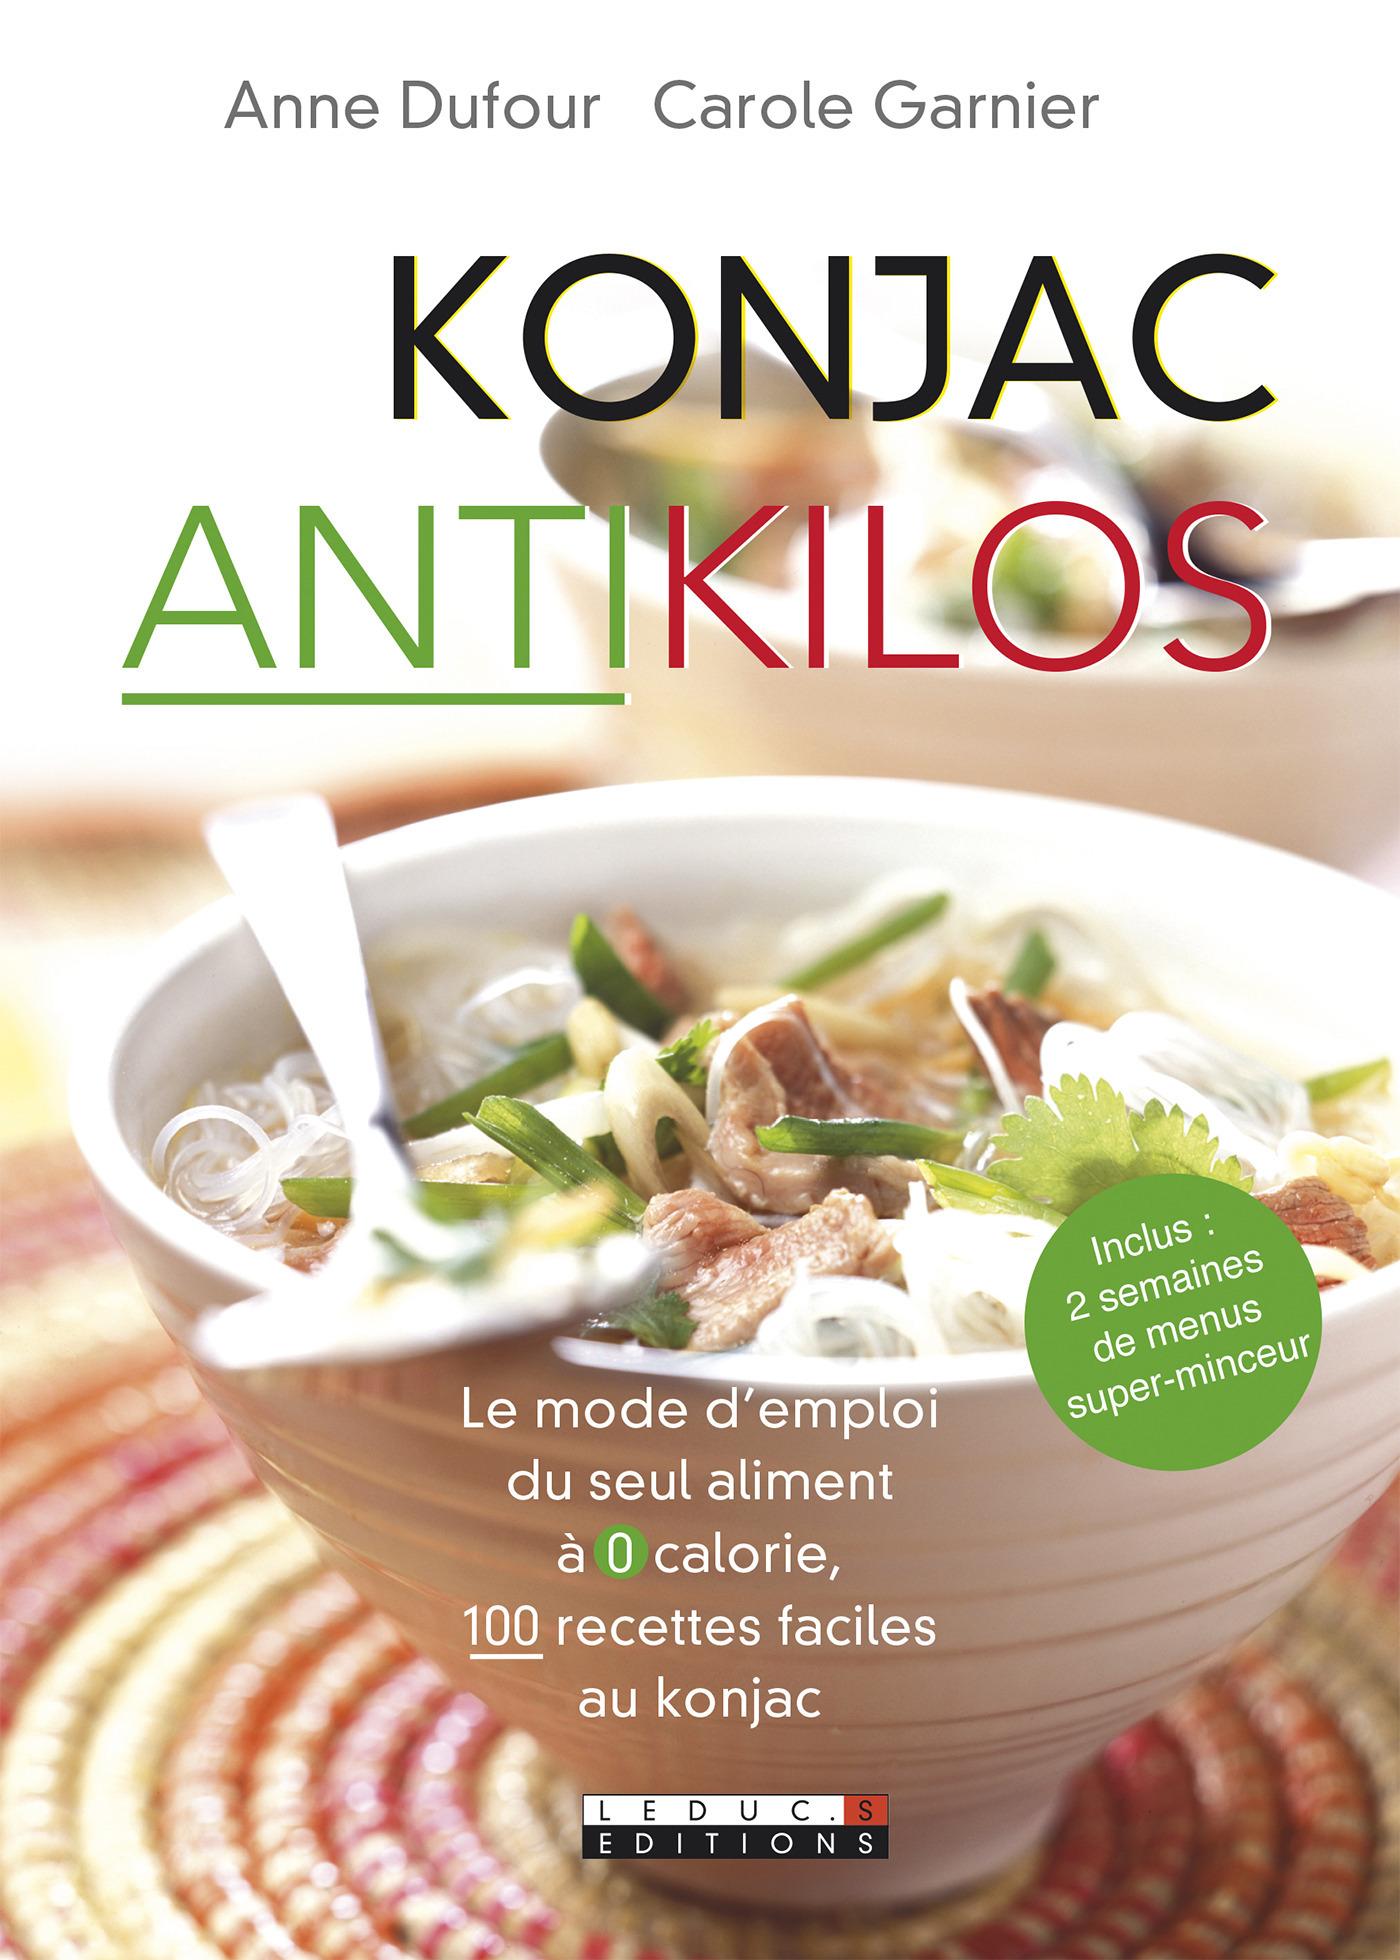 Anne Dufour Konjac anti-kilos